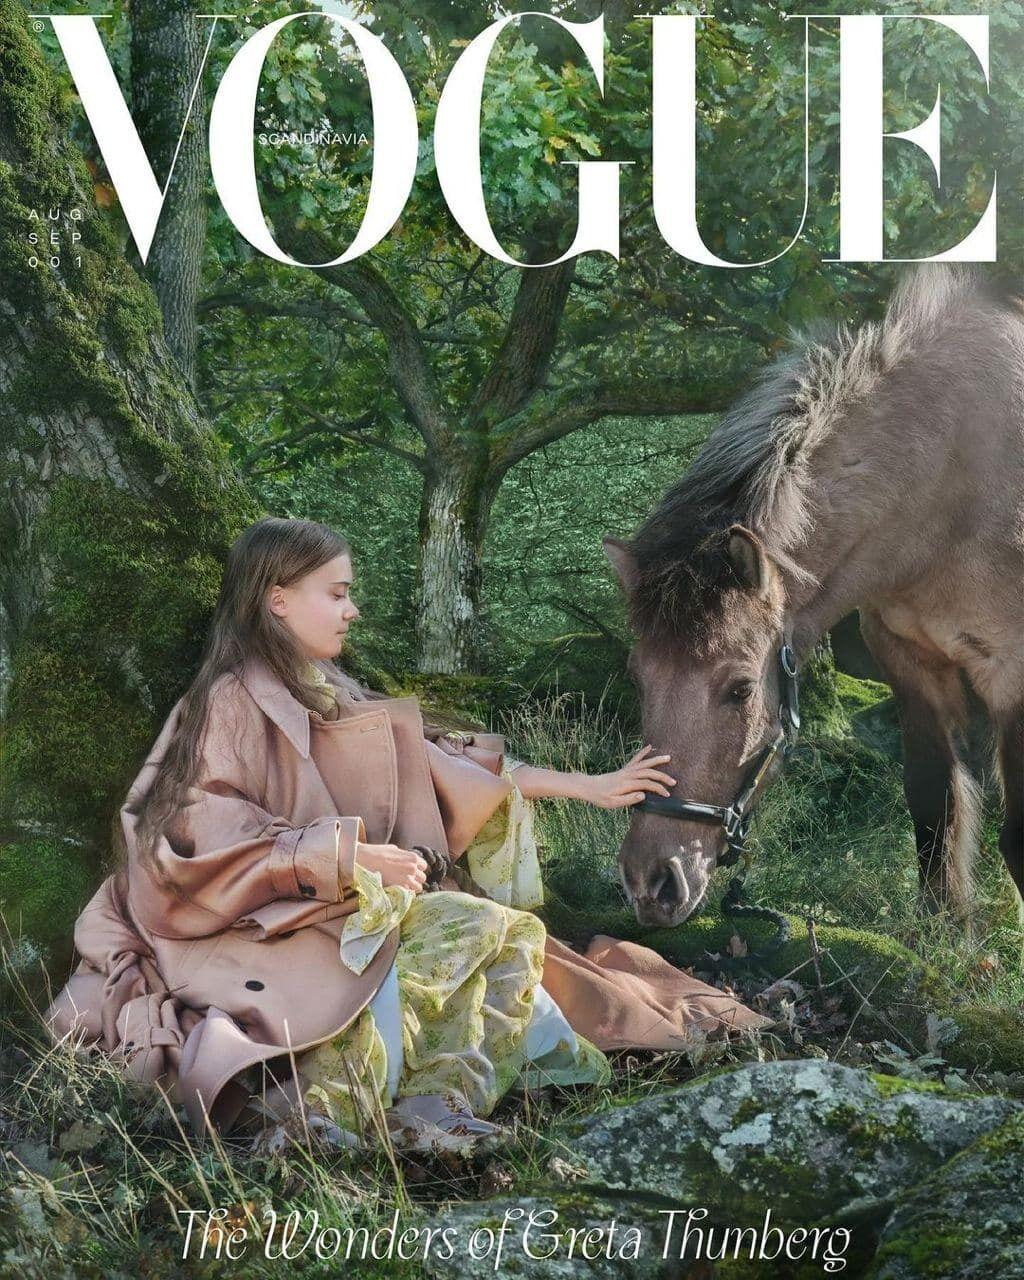 Грета Тунберг на обложке журнала